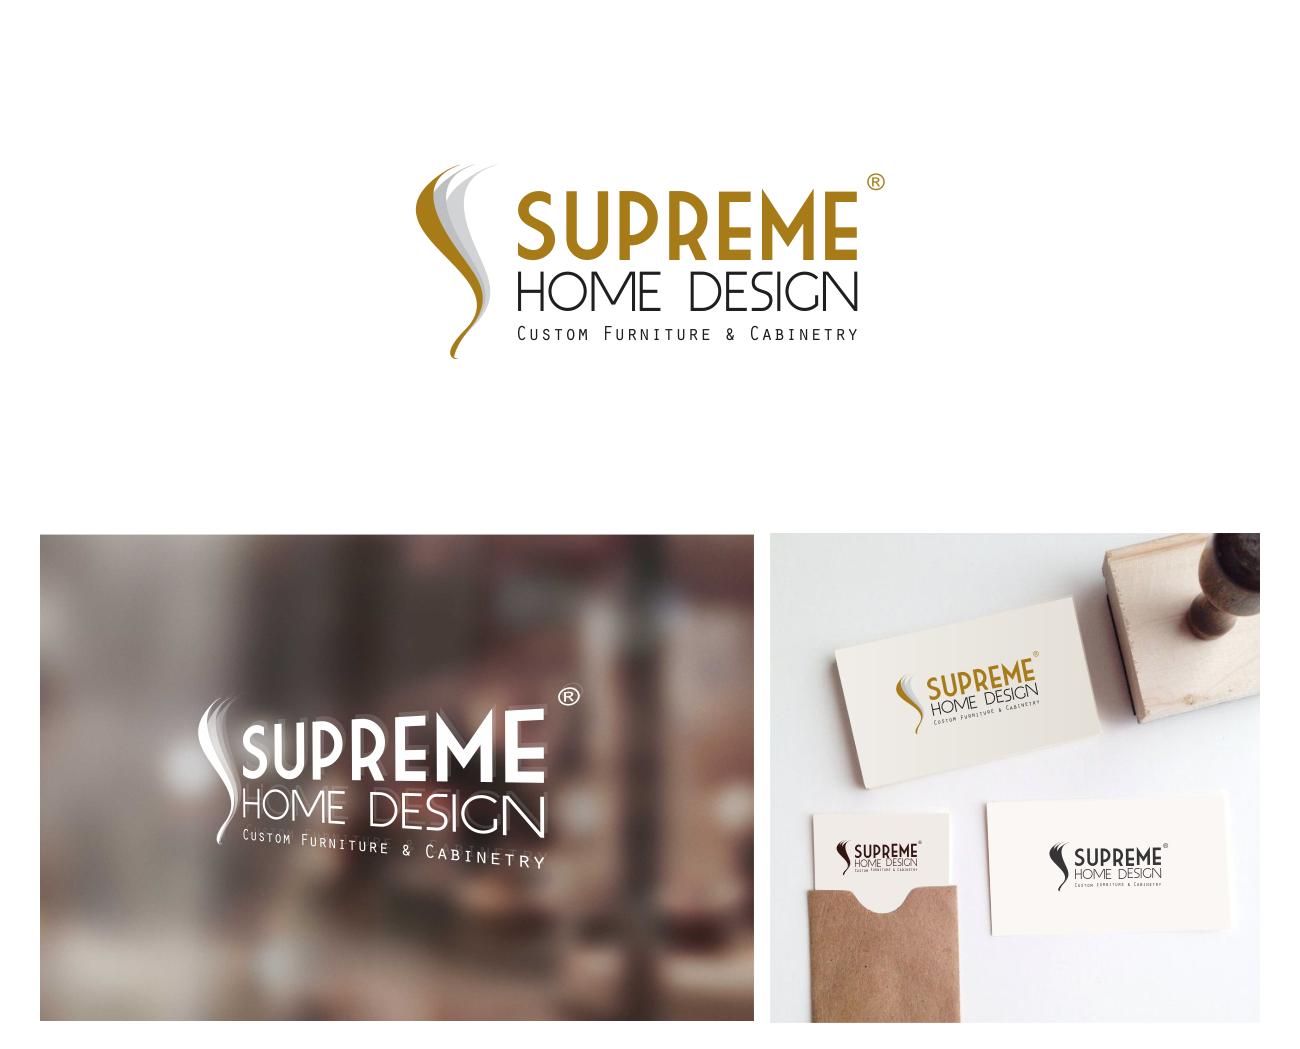 Logo Design By Monogram For Logo Design For Supreme Home Design, Custom  Wood Furniture U0026